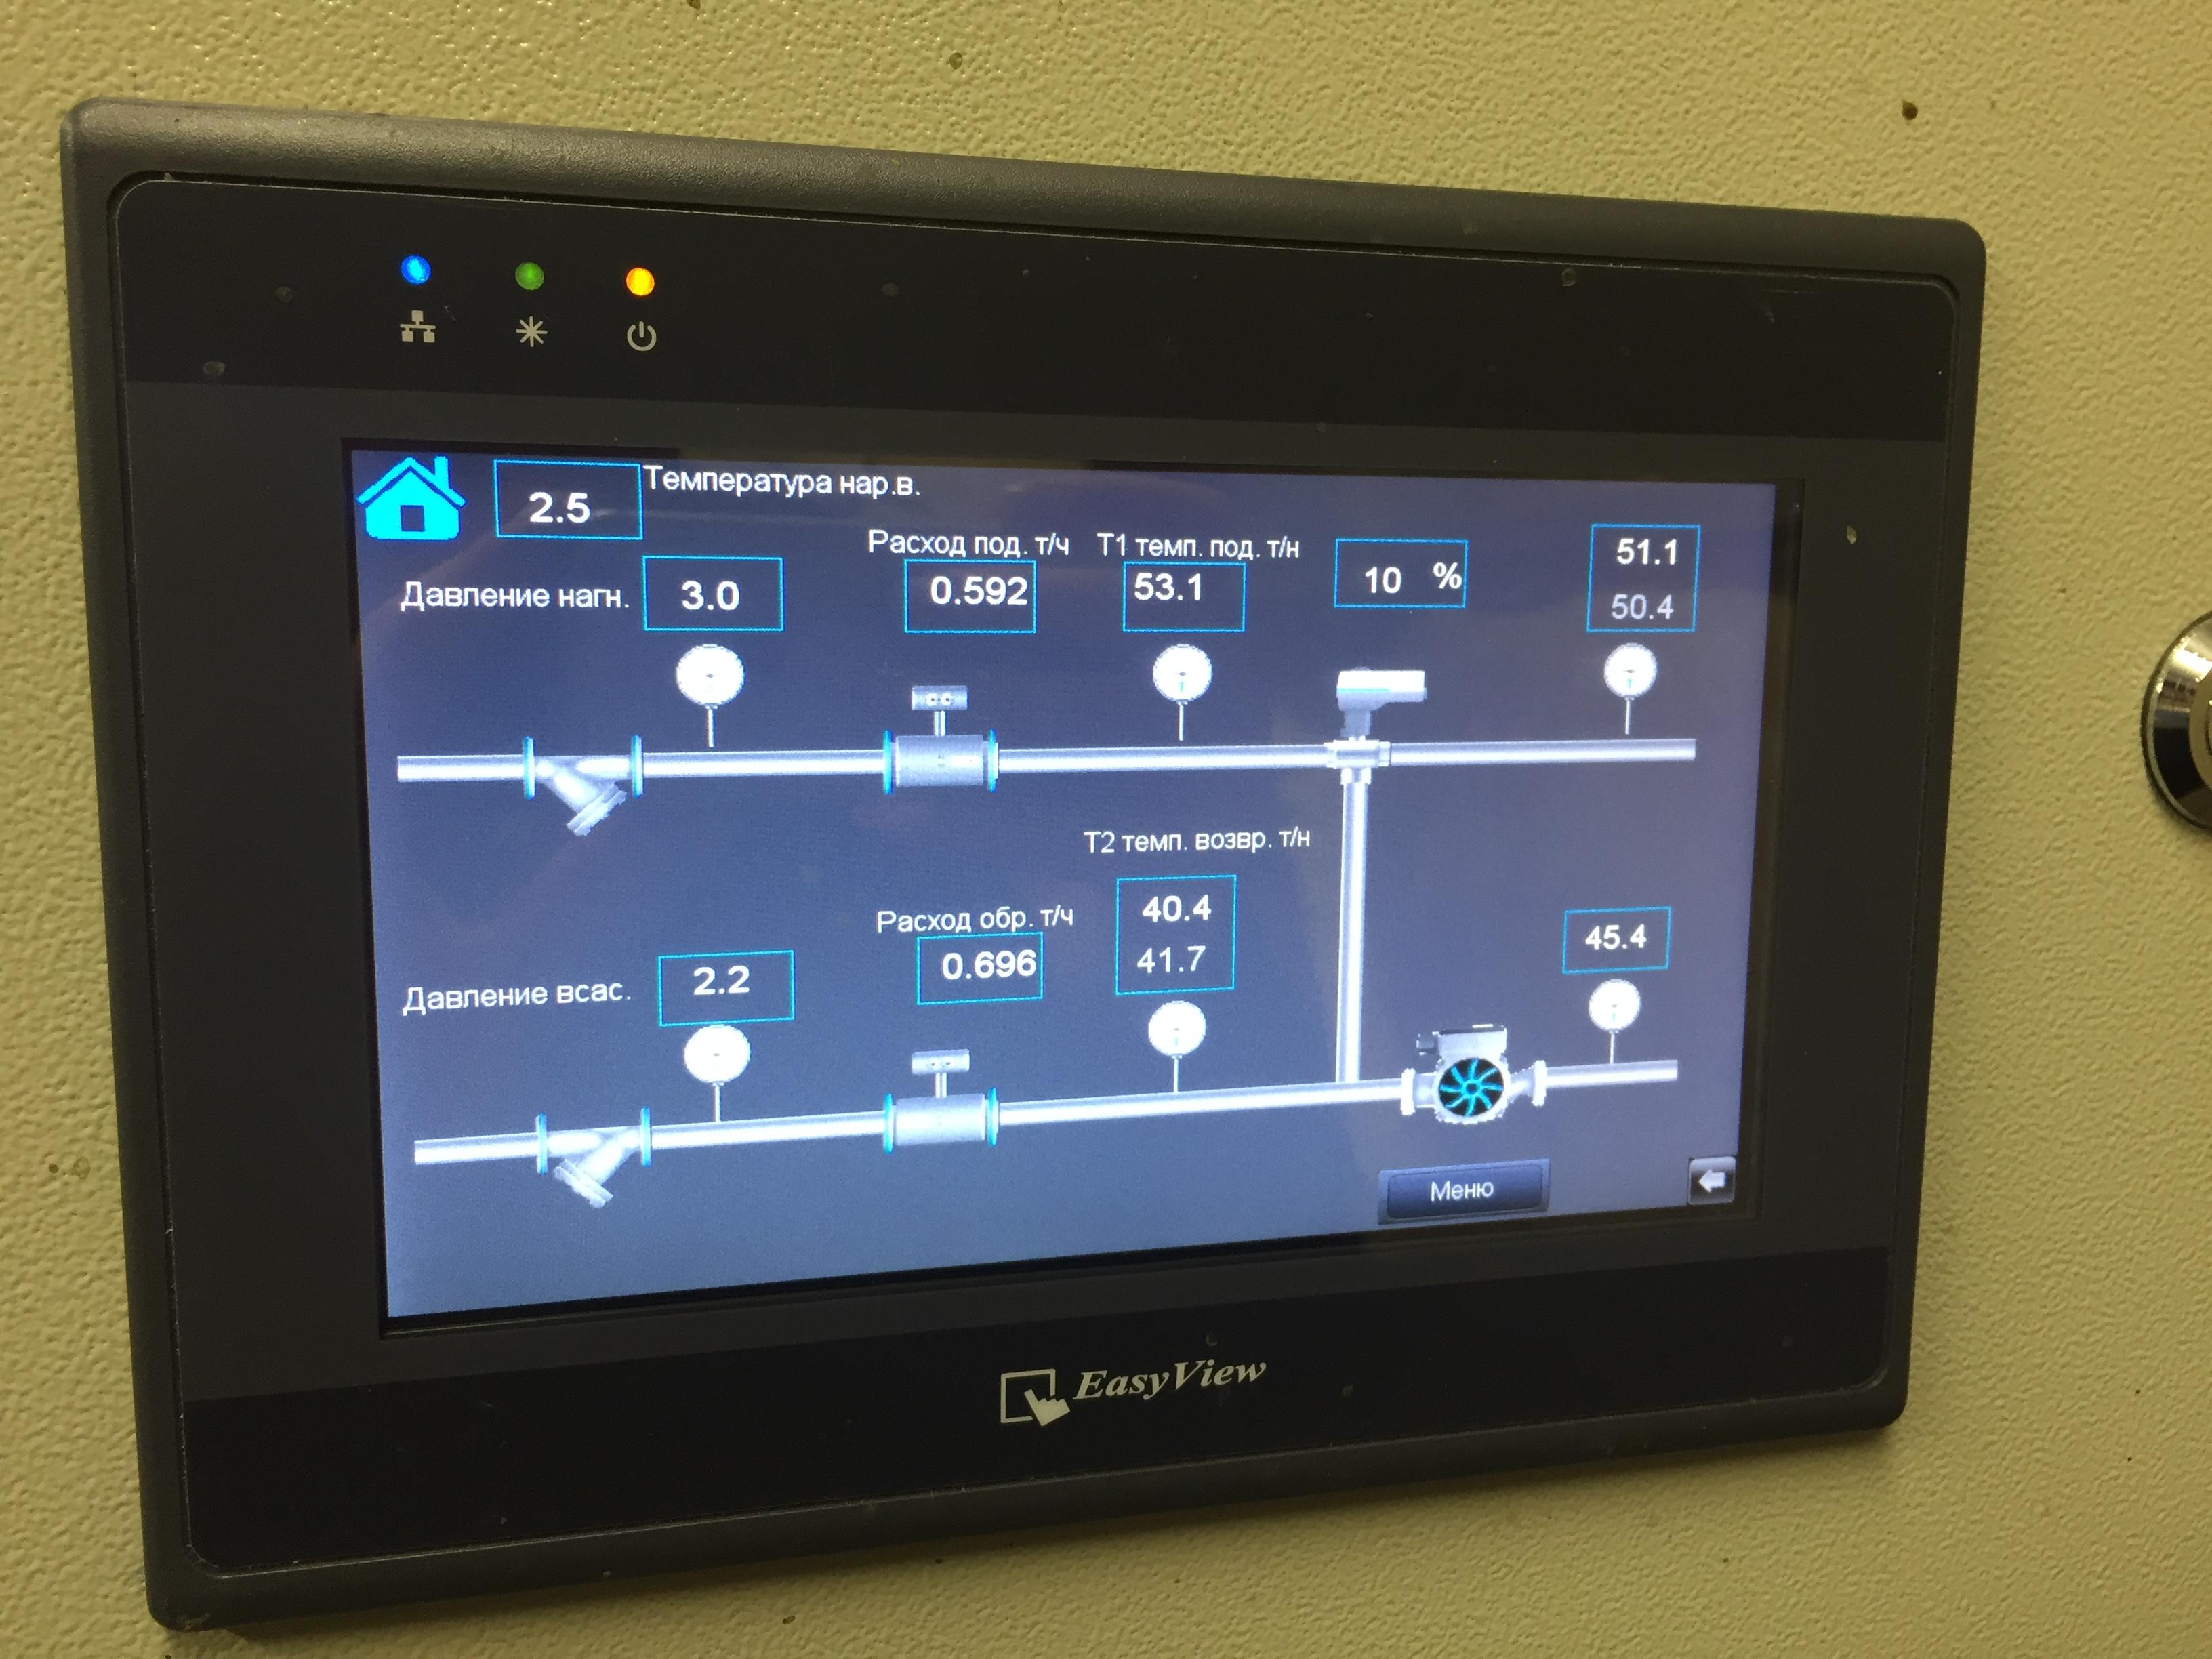 Главное окно с мнемосхемой на сенсорной панеле управления 7 дюймов